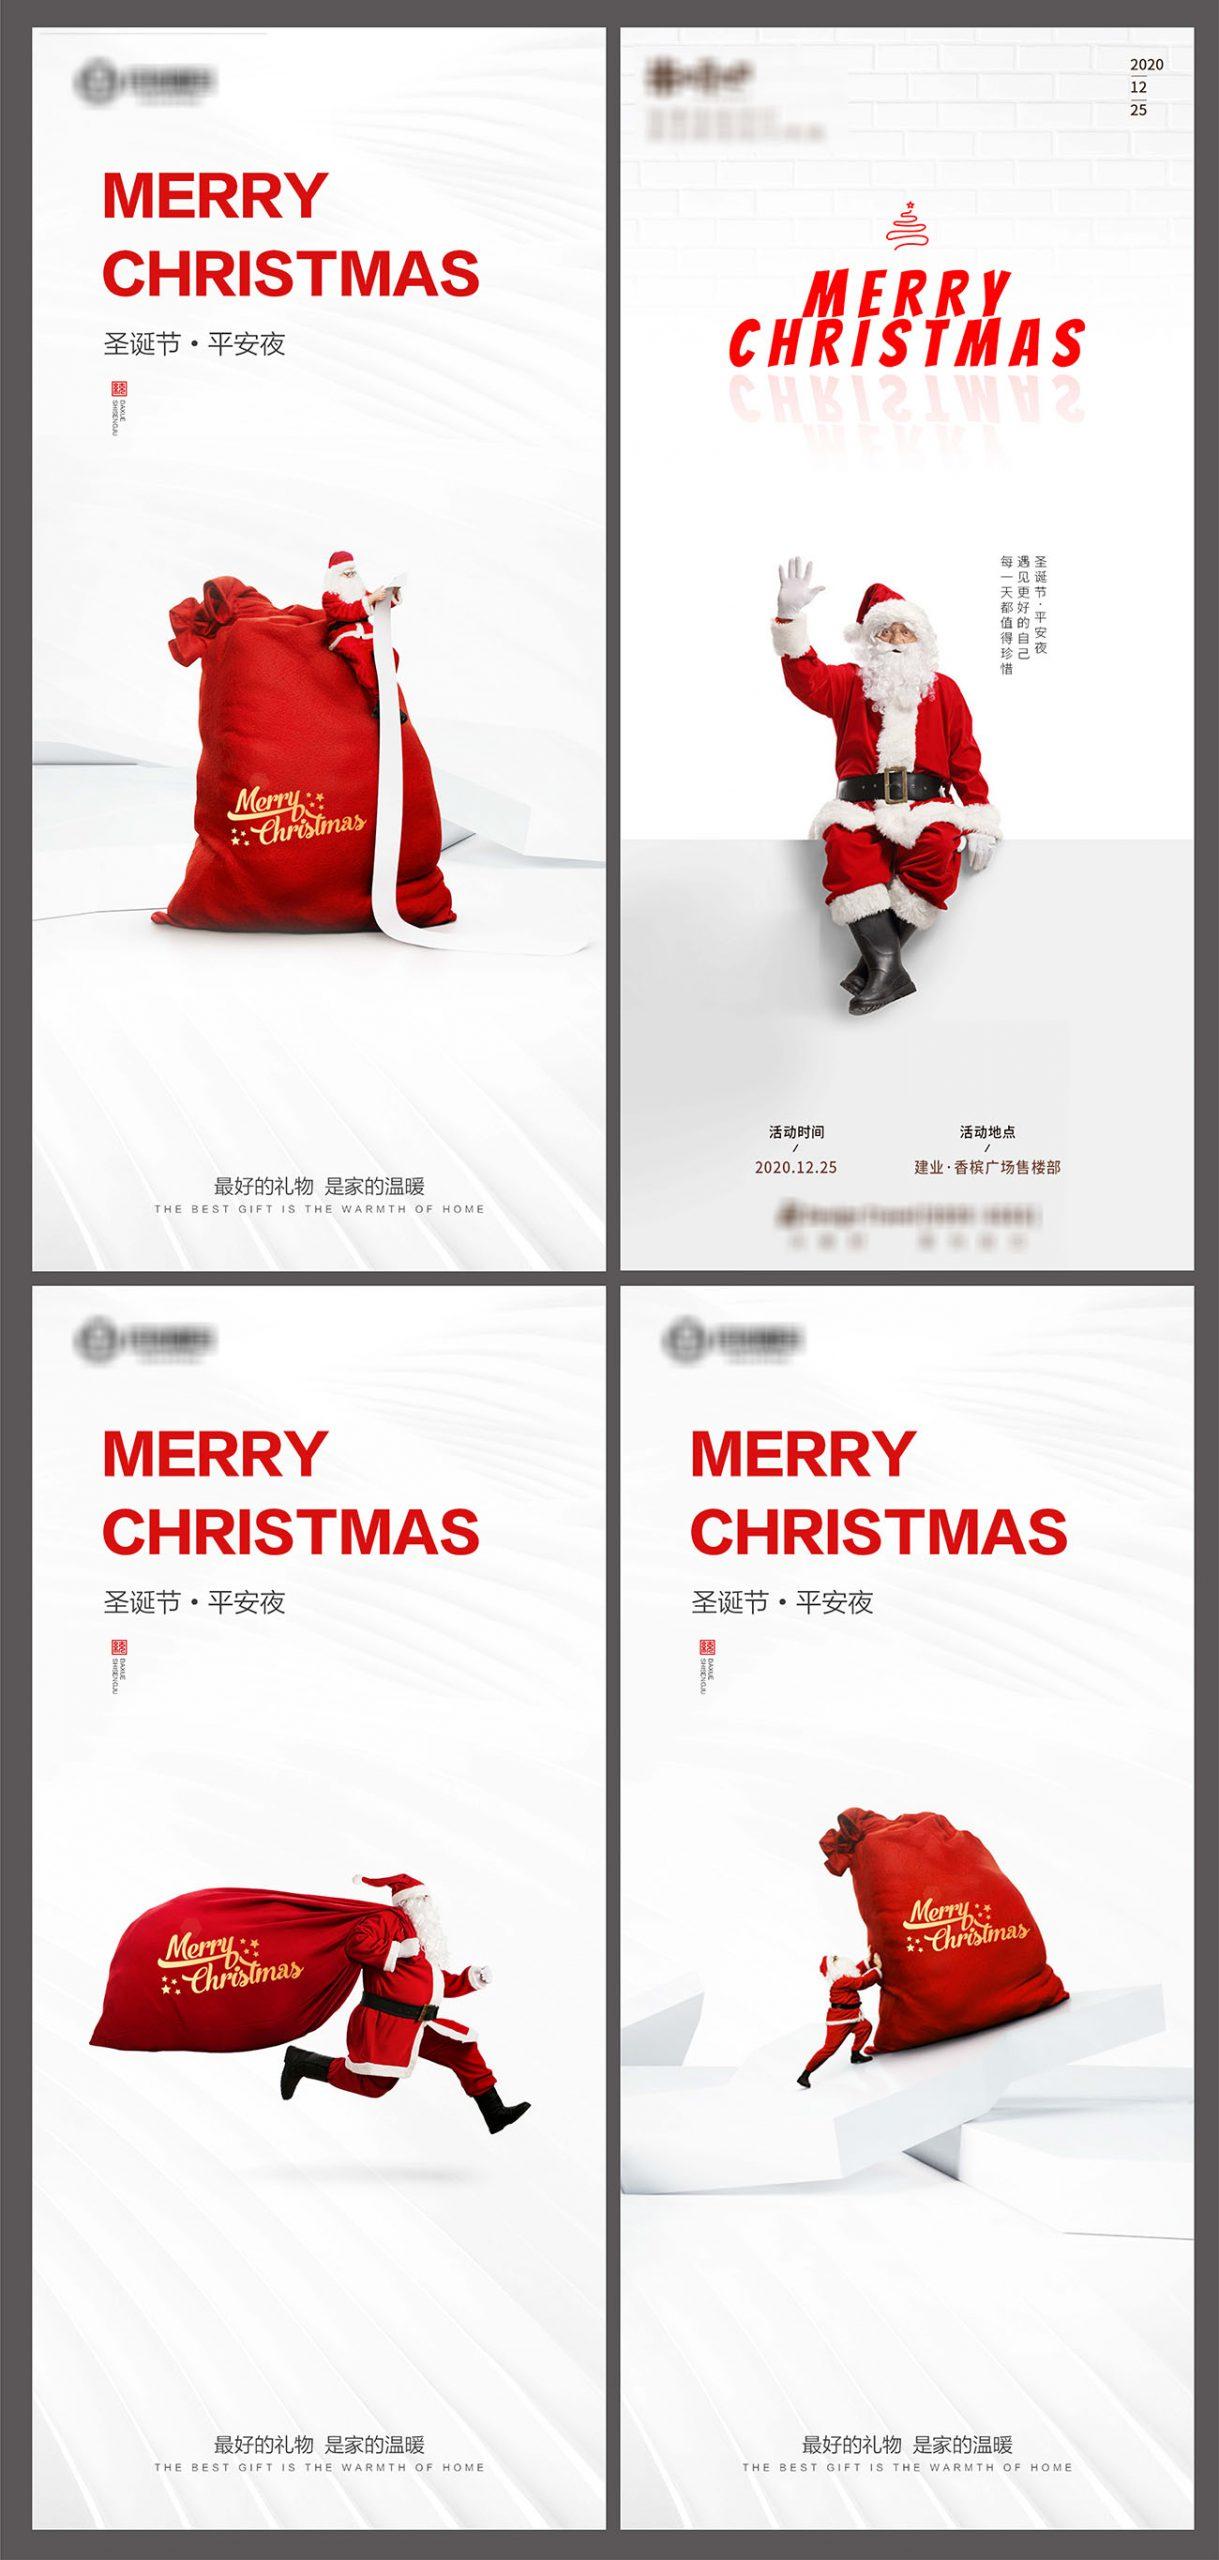 房地产白金圣诞节刷屏海报PSD源文件插图